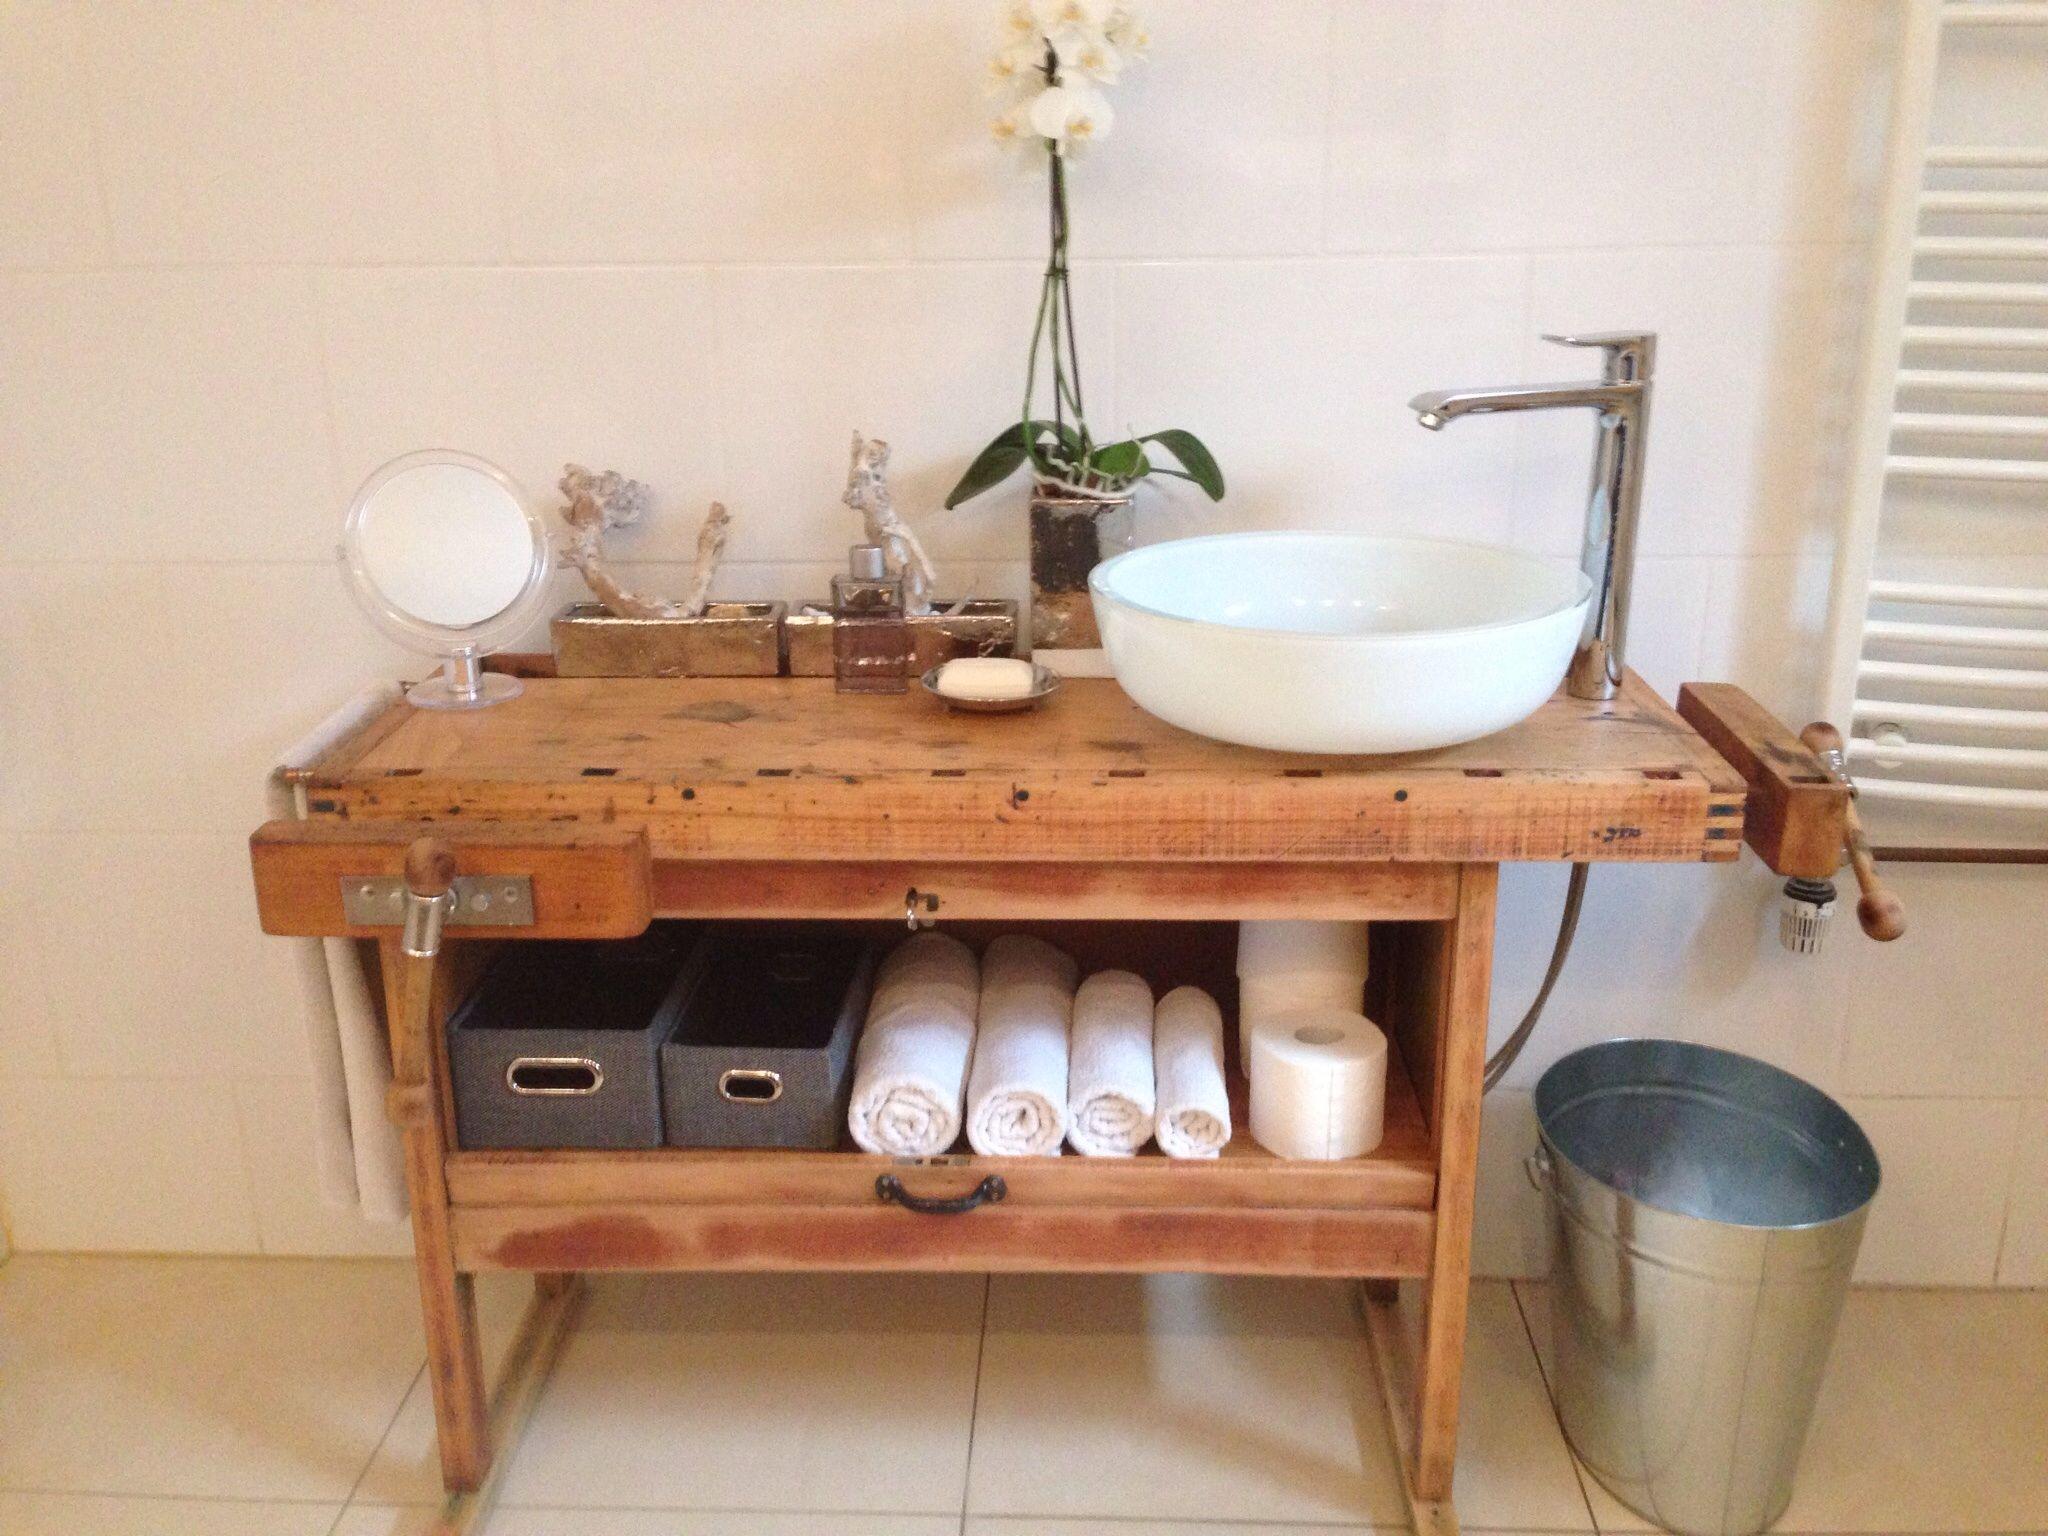 Waschtisch aus einer Hobelbank Badezimmer Vintage Landhausstil ...